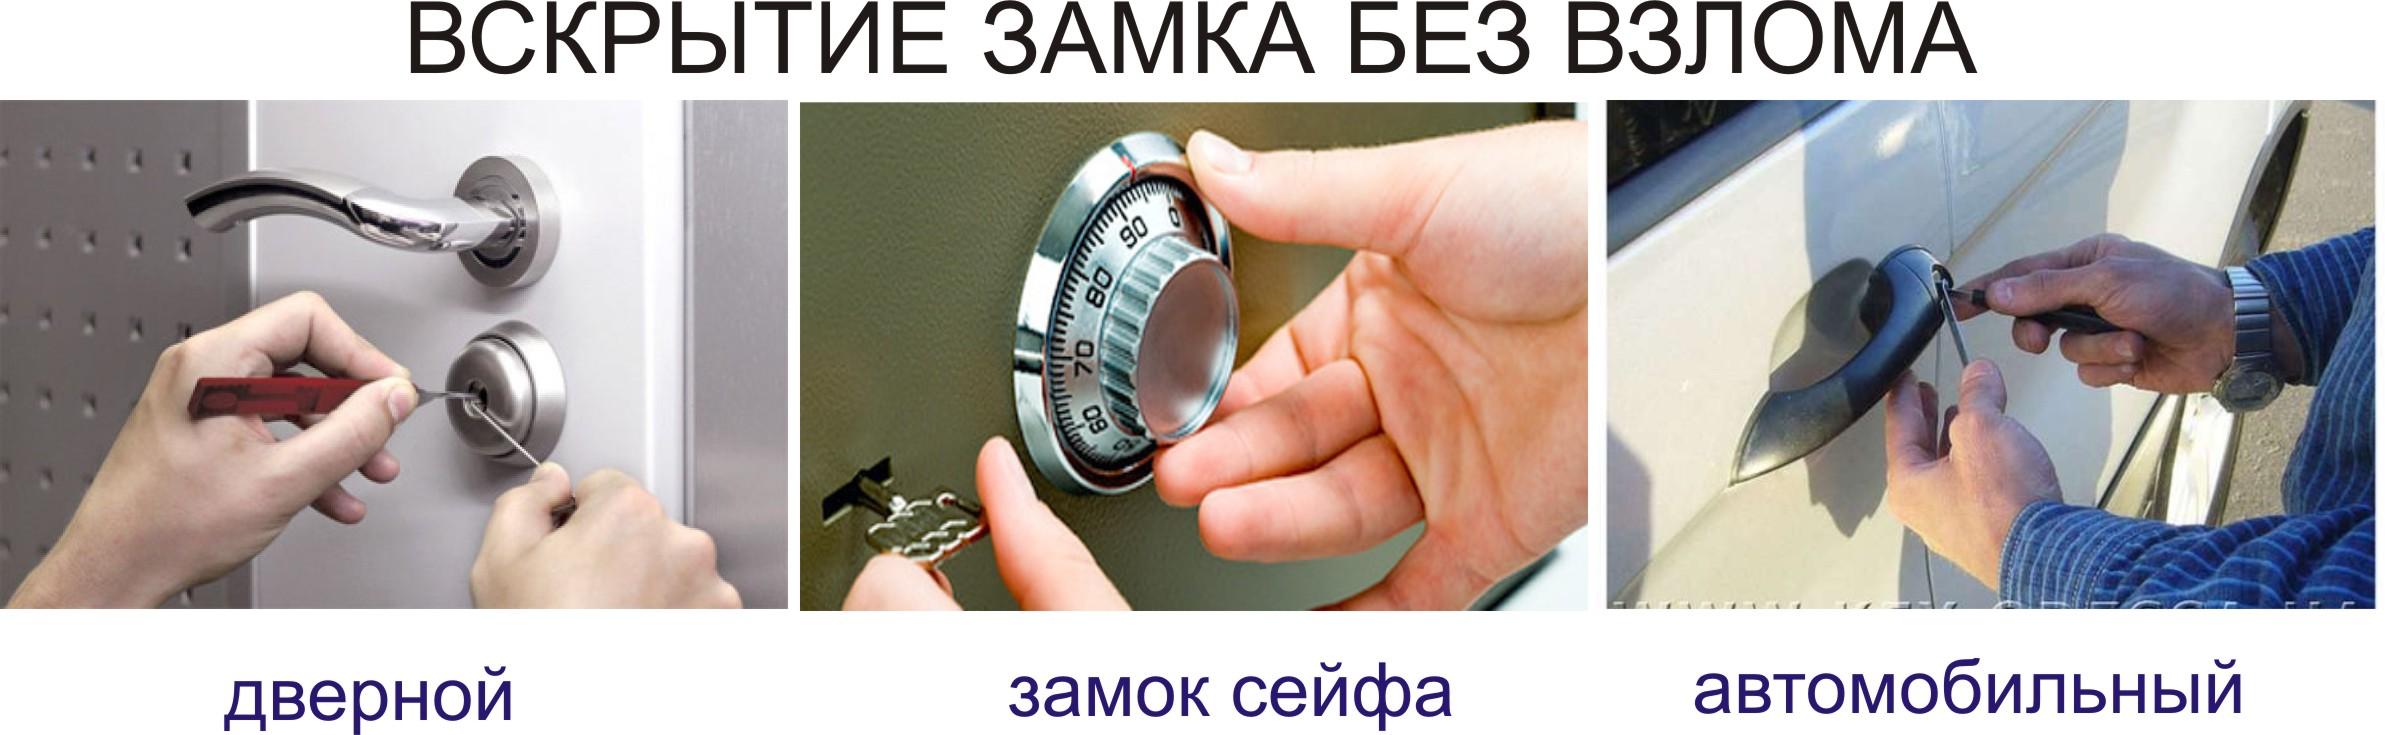 Как открыть ключ